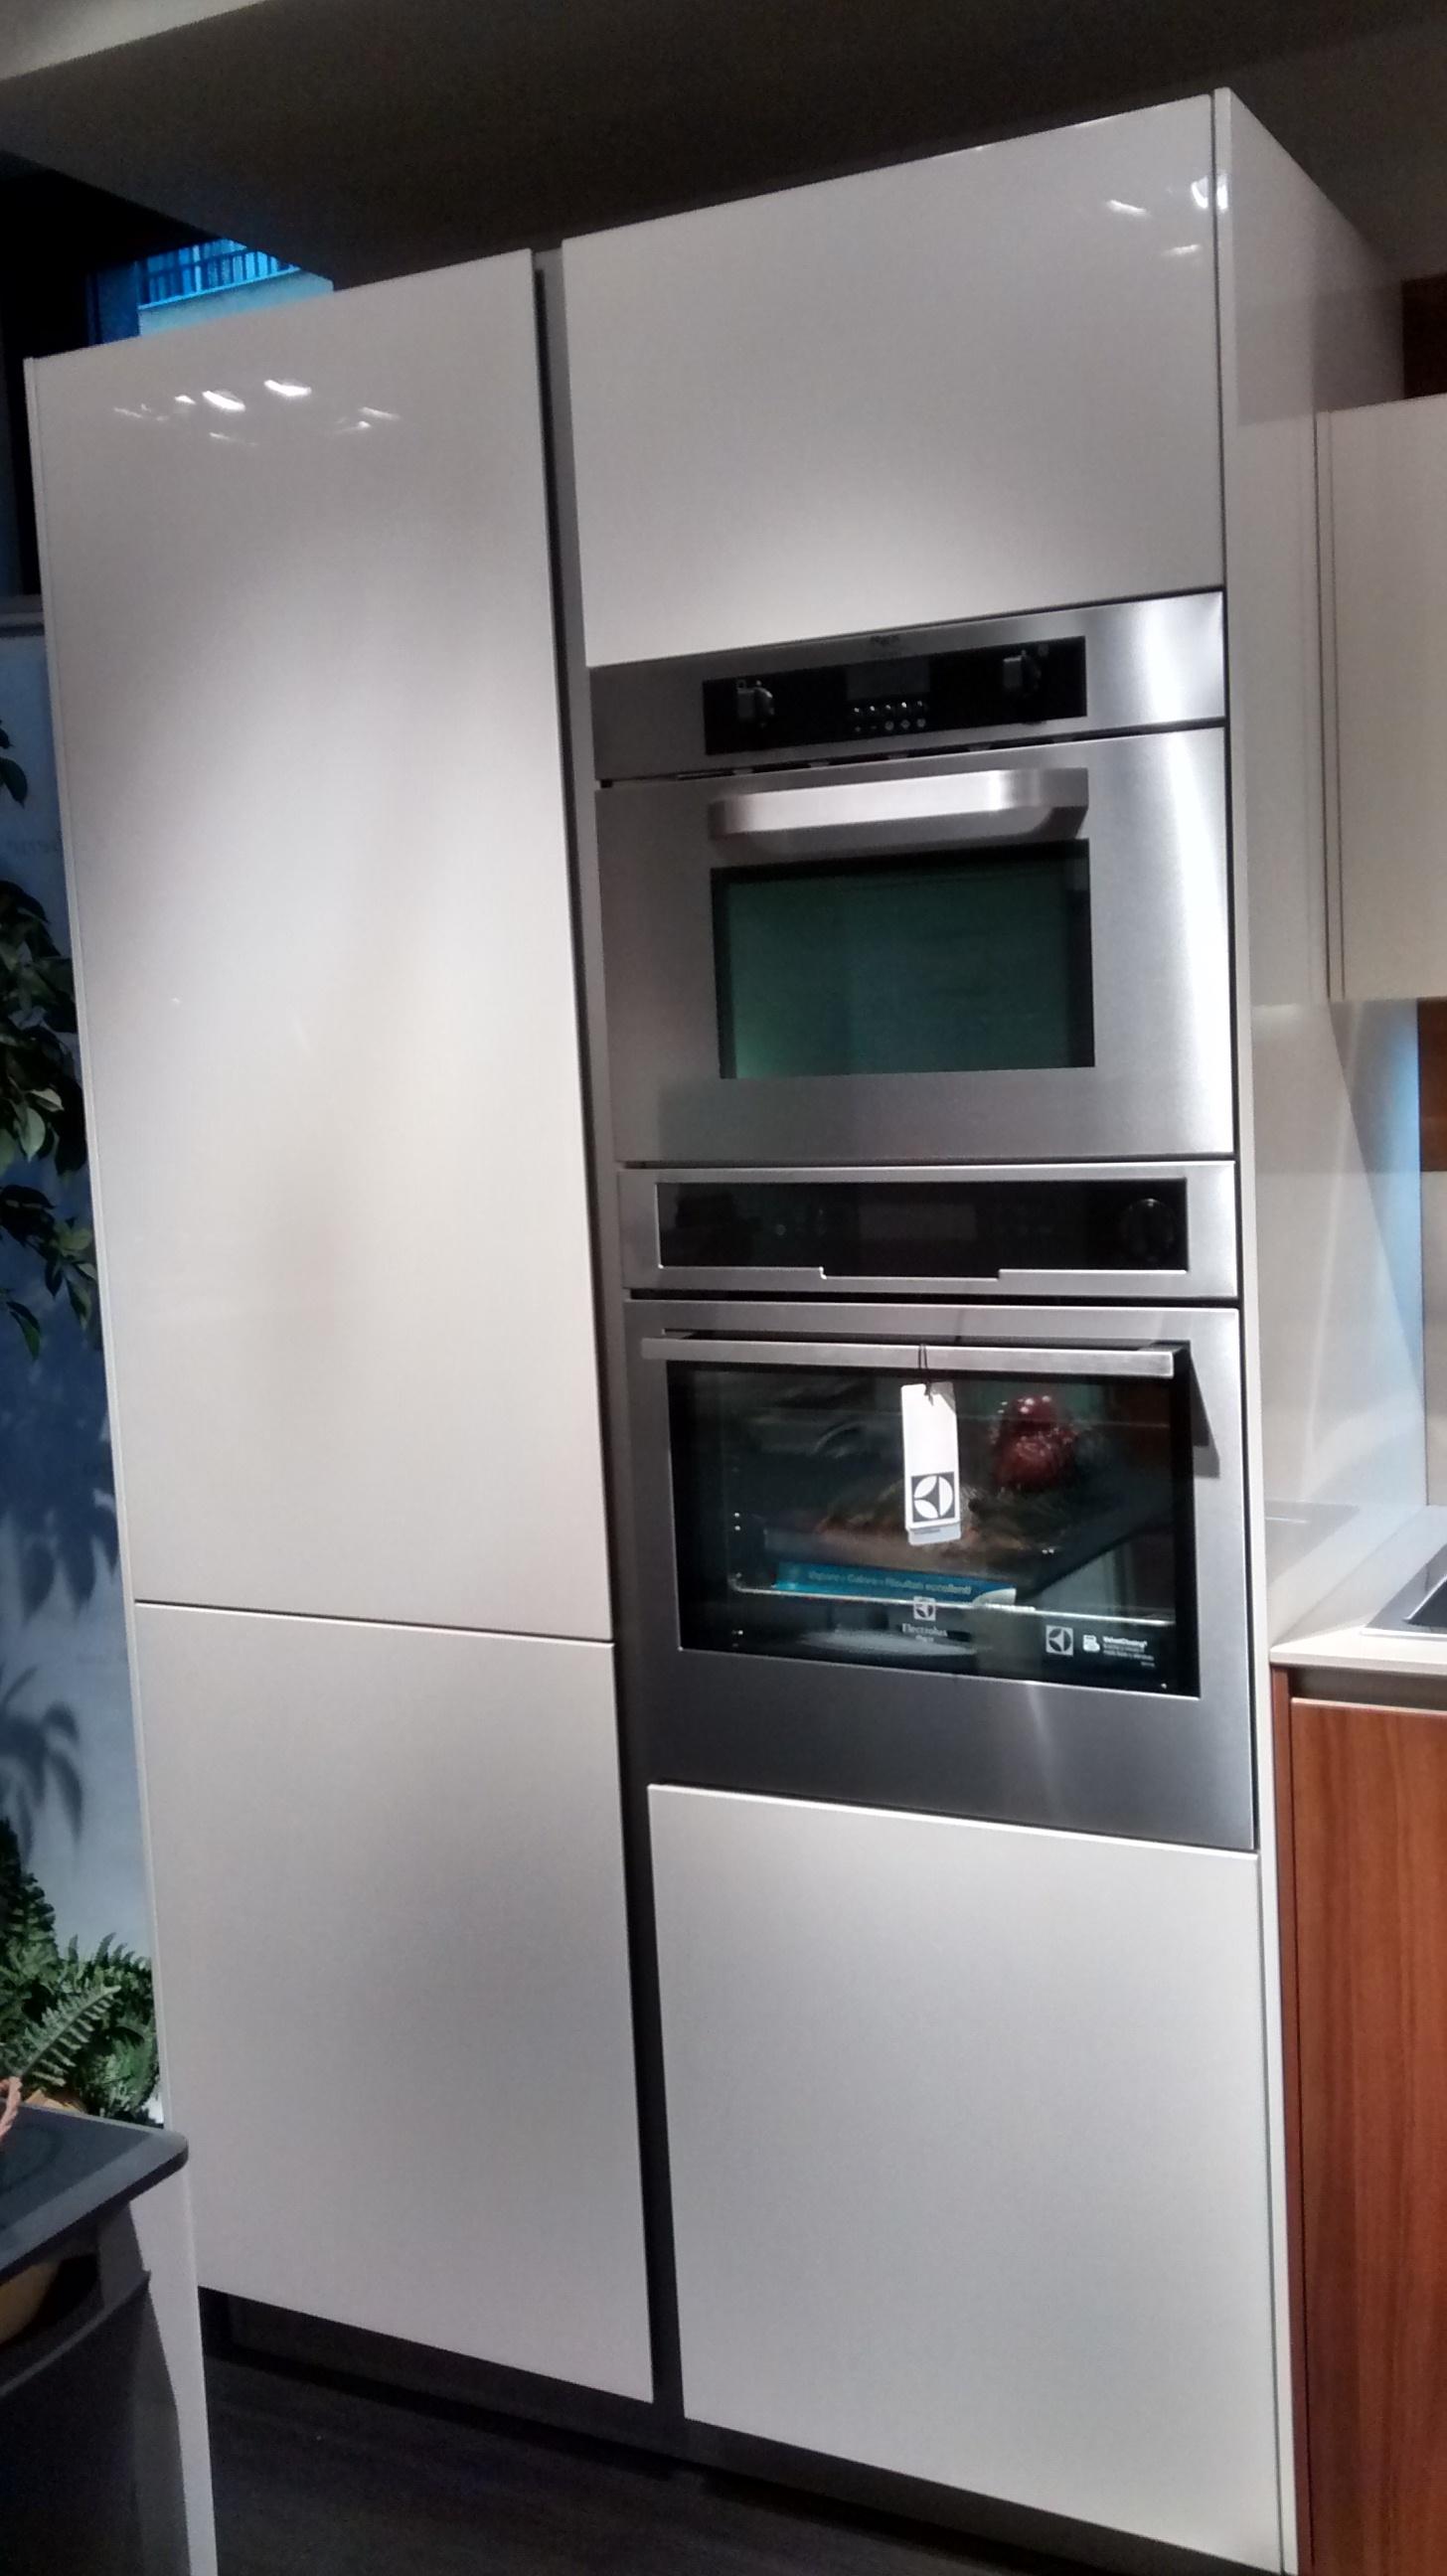 Cucine con colonna forno e microonde decora la tua vita - Forno elettrico e microonde ...